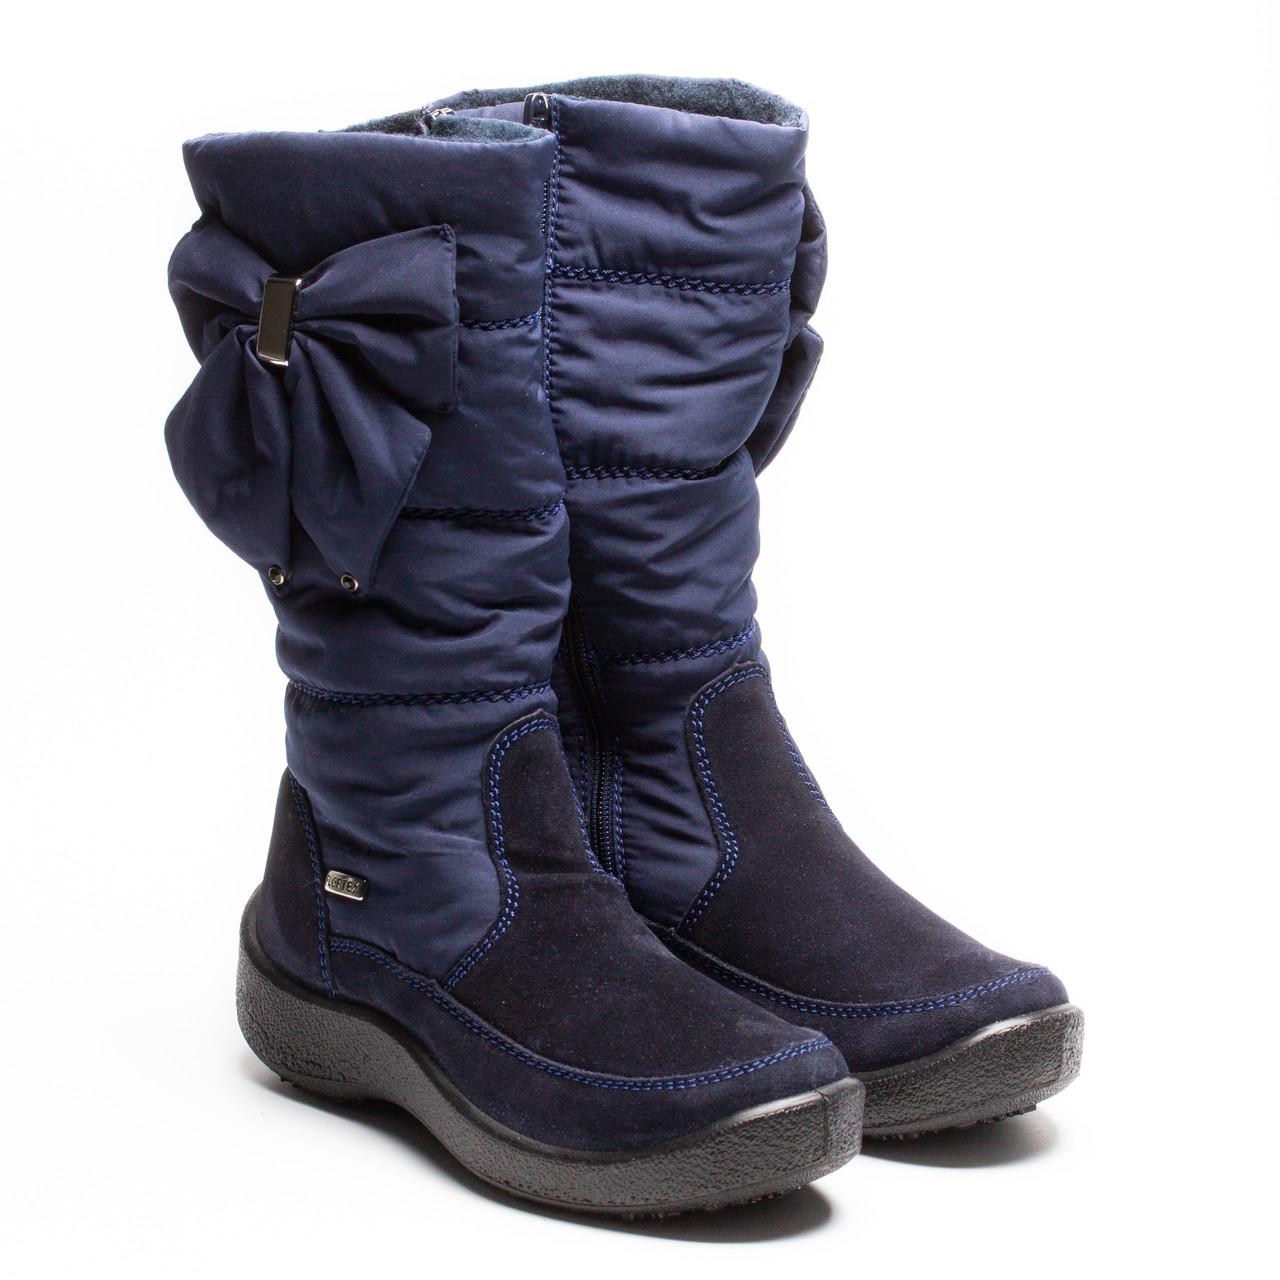 Зимние мембранные сапожки Kapika, для девочки, синие с бантом, размер 33 - 37,5